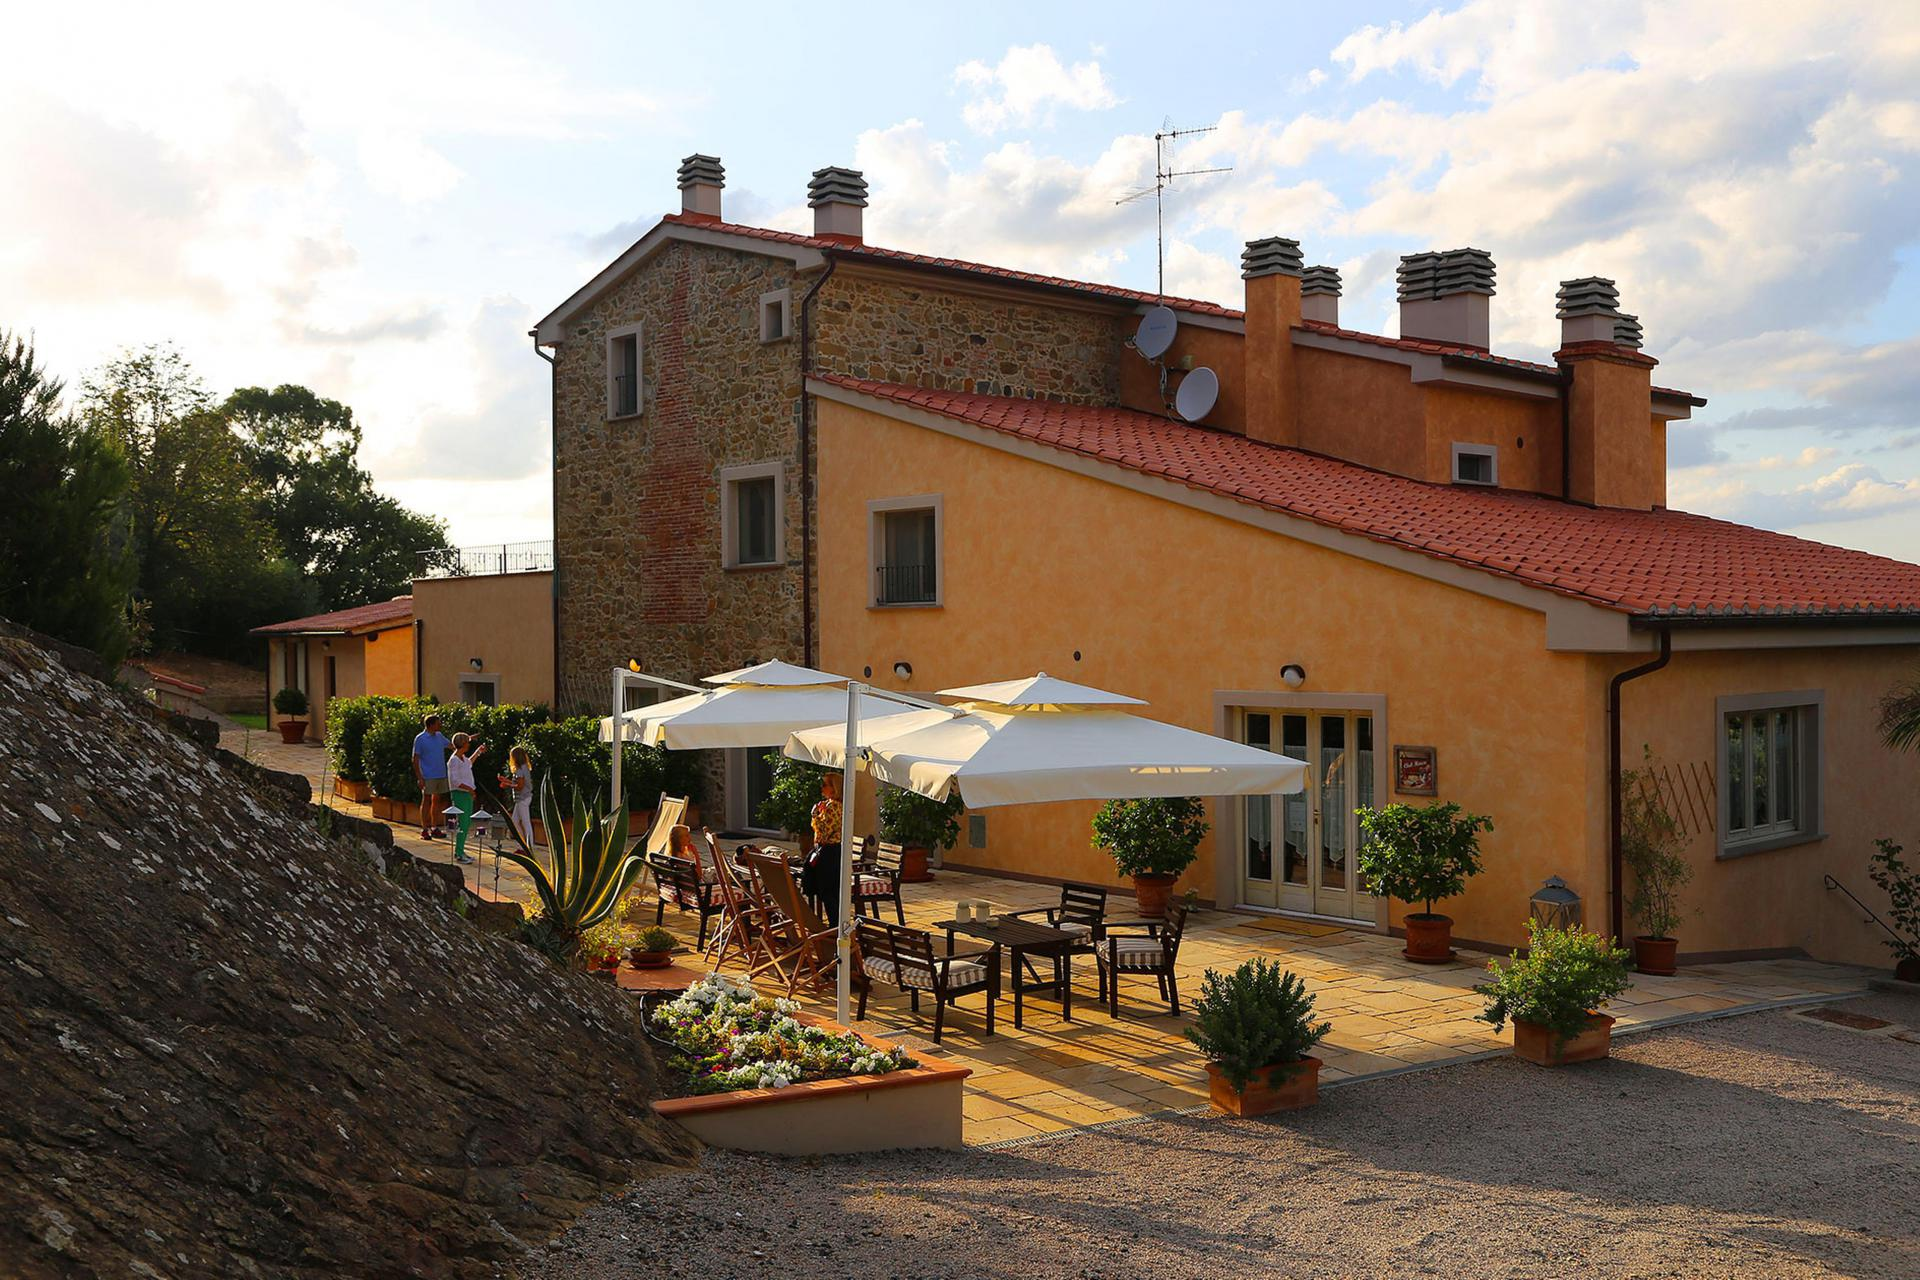 Agriturismo Toscane Agriturismo met tennisbaan nabij het Toscaanse strand   myitaly.nl